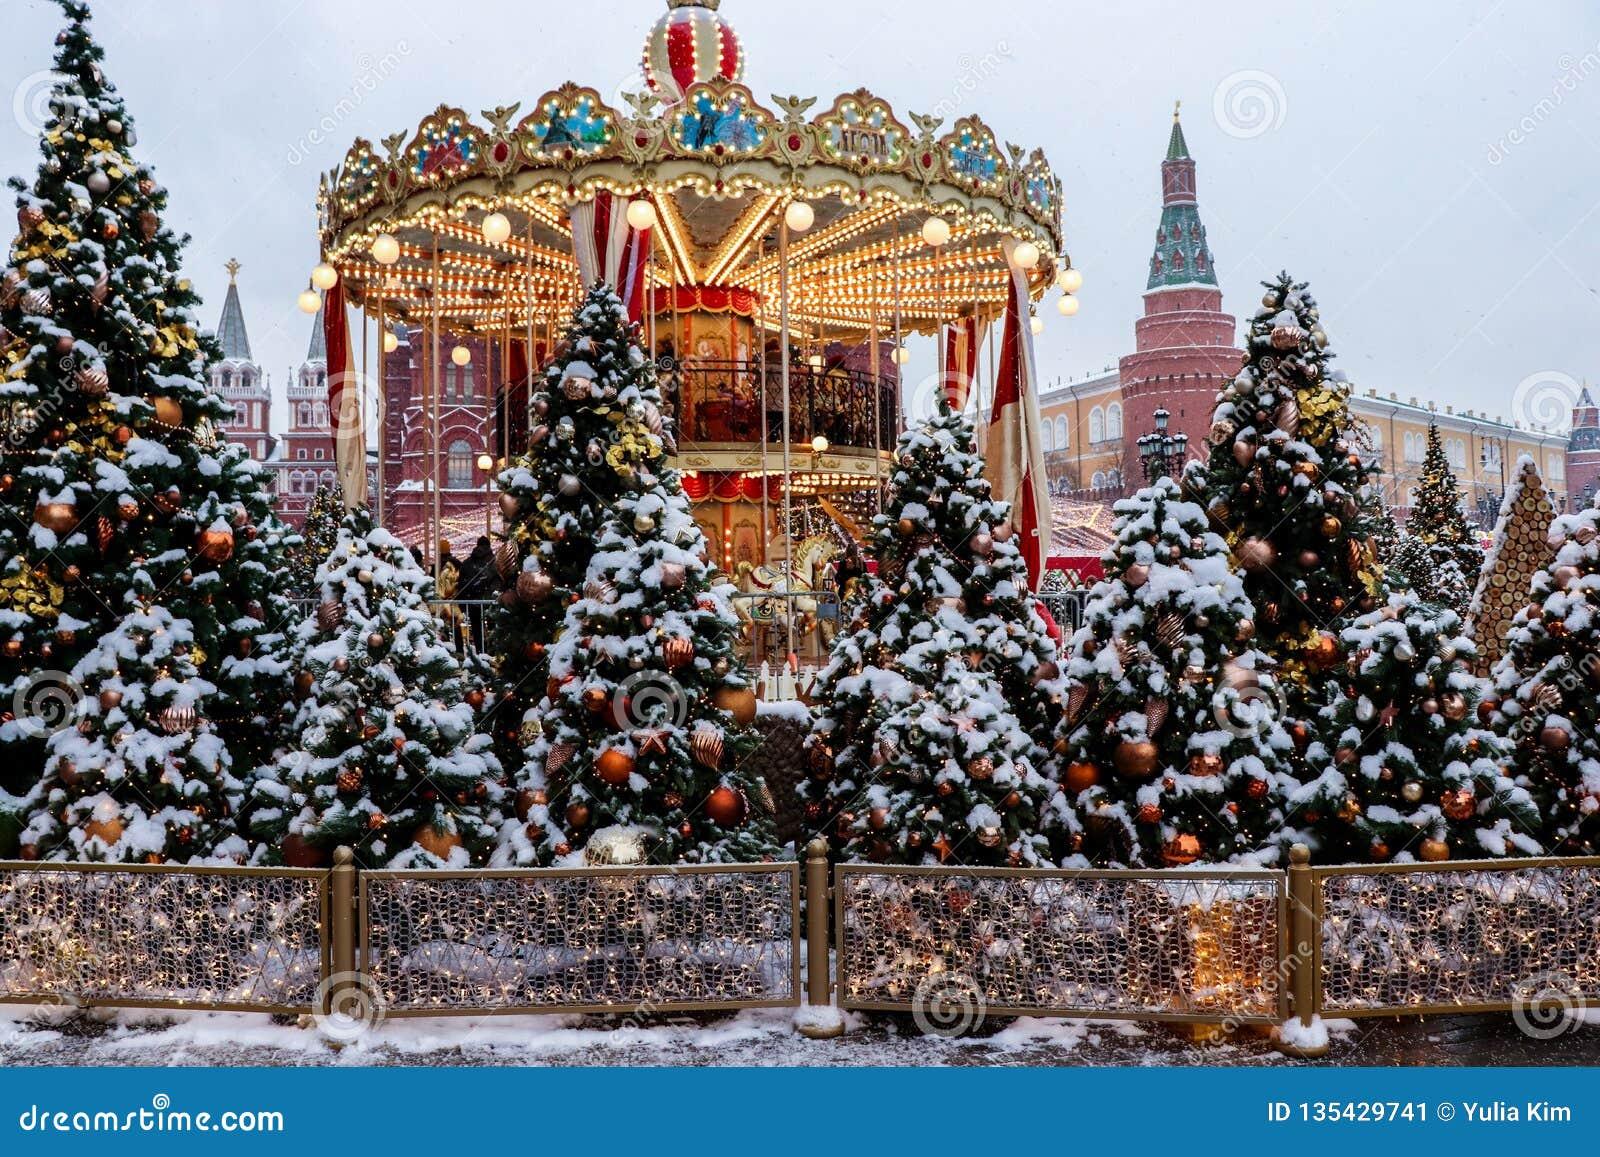 Christmas atmoshere w mieście